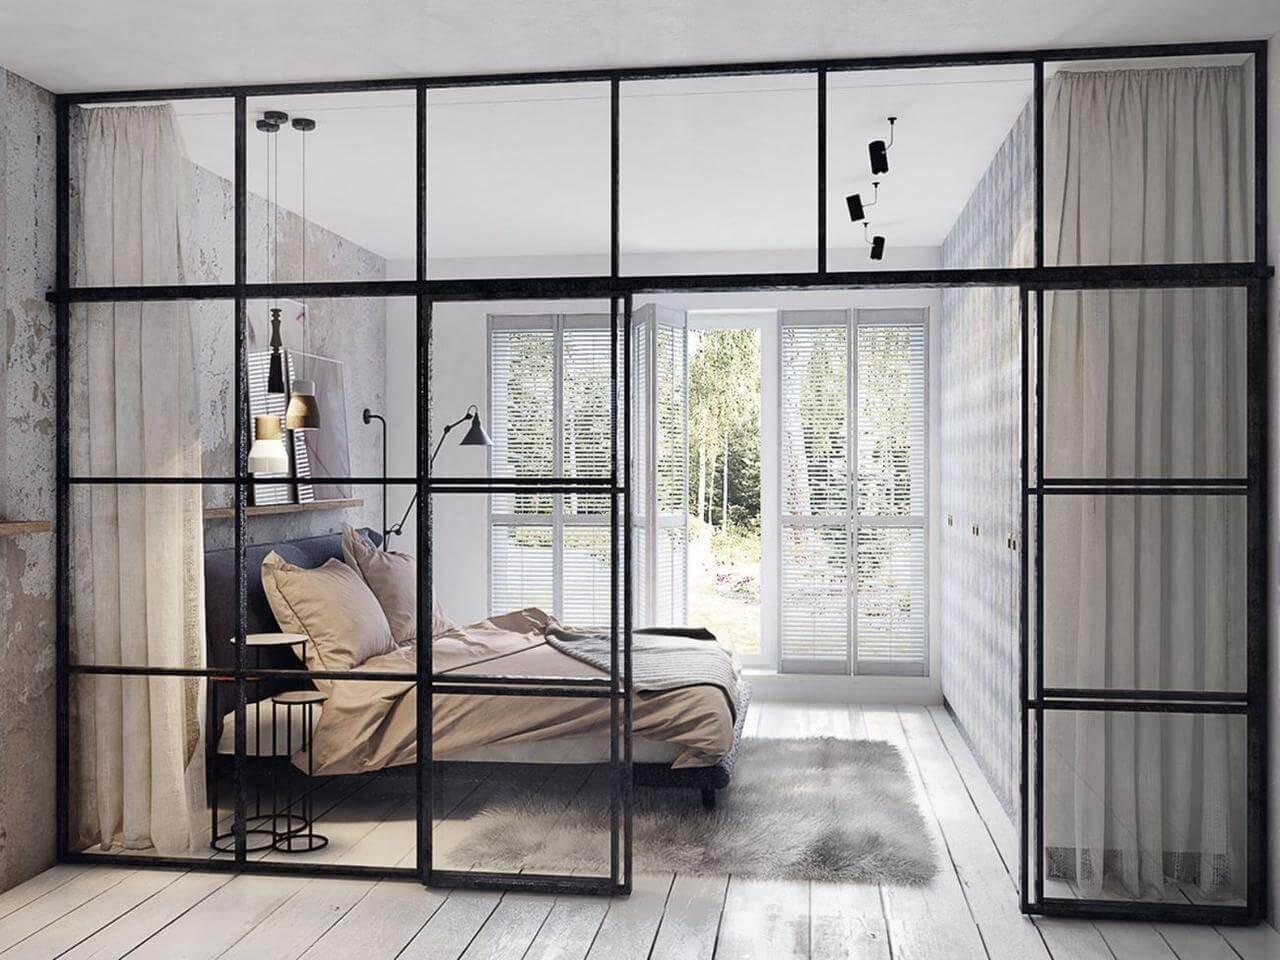 Прозрачные двери и конструкции создают впечатление легкости и воздушности